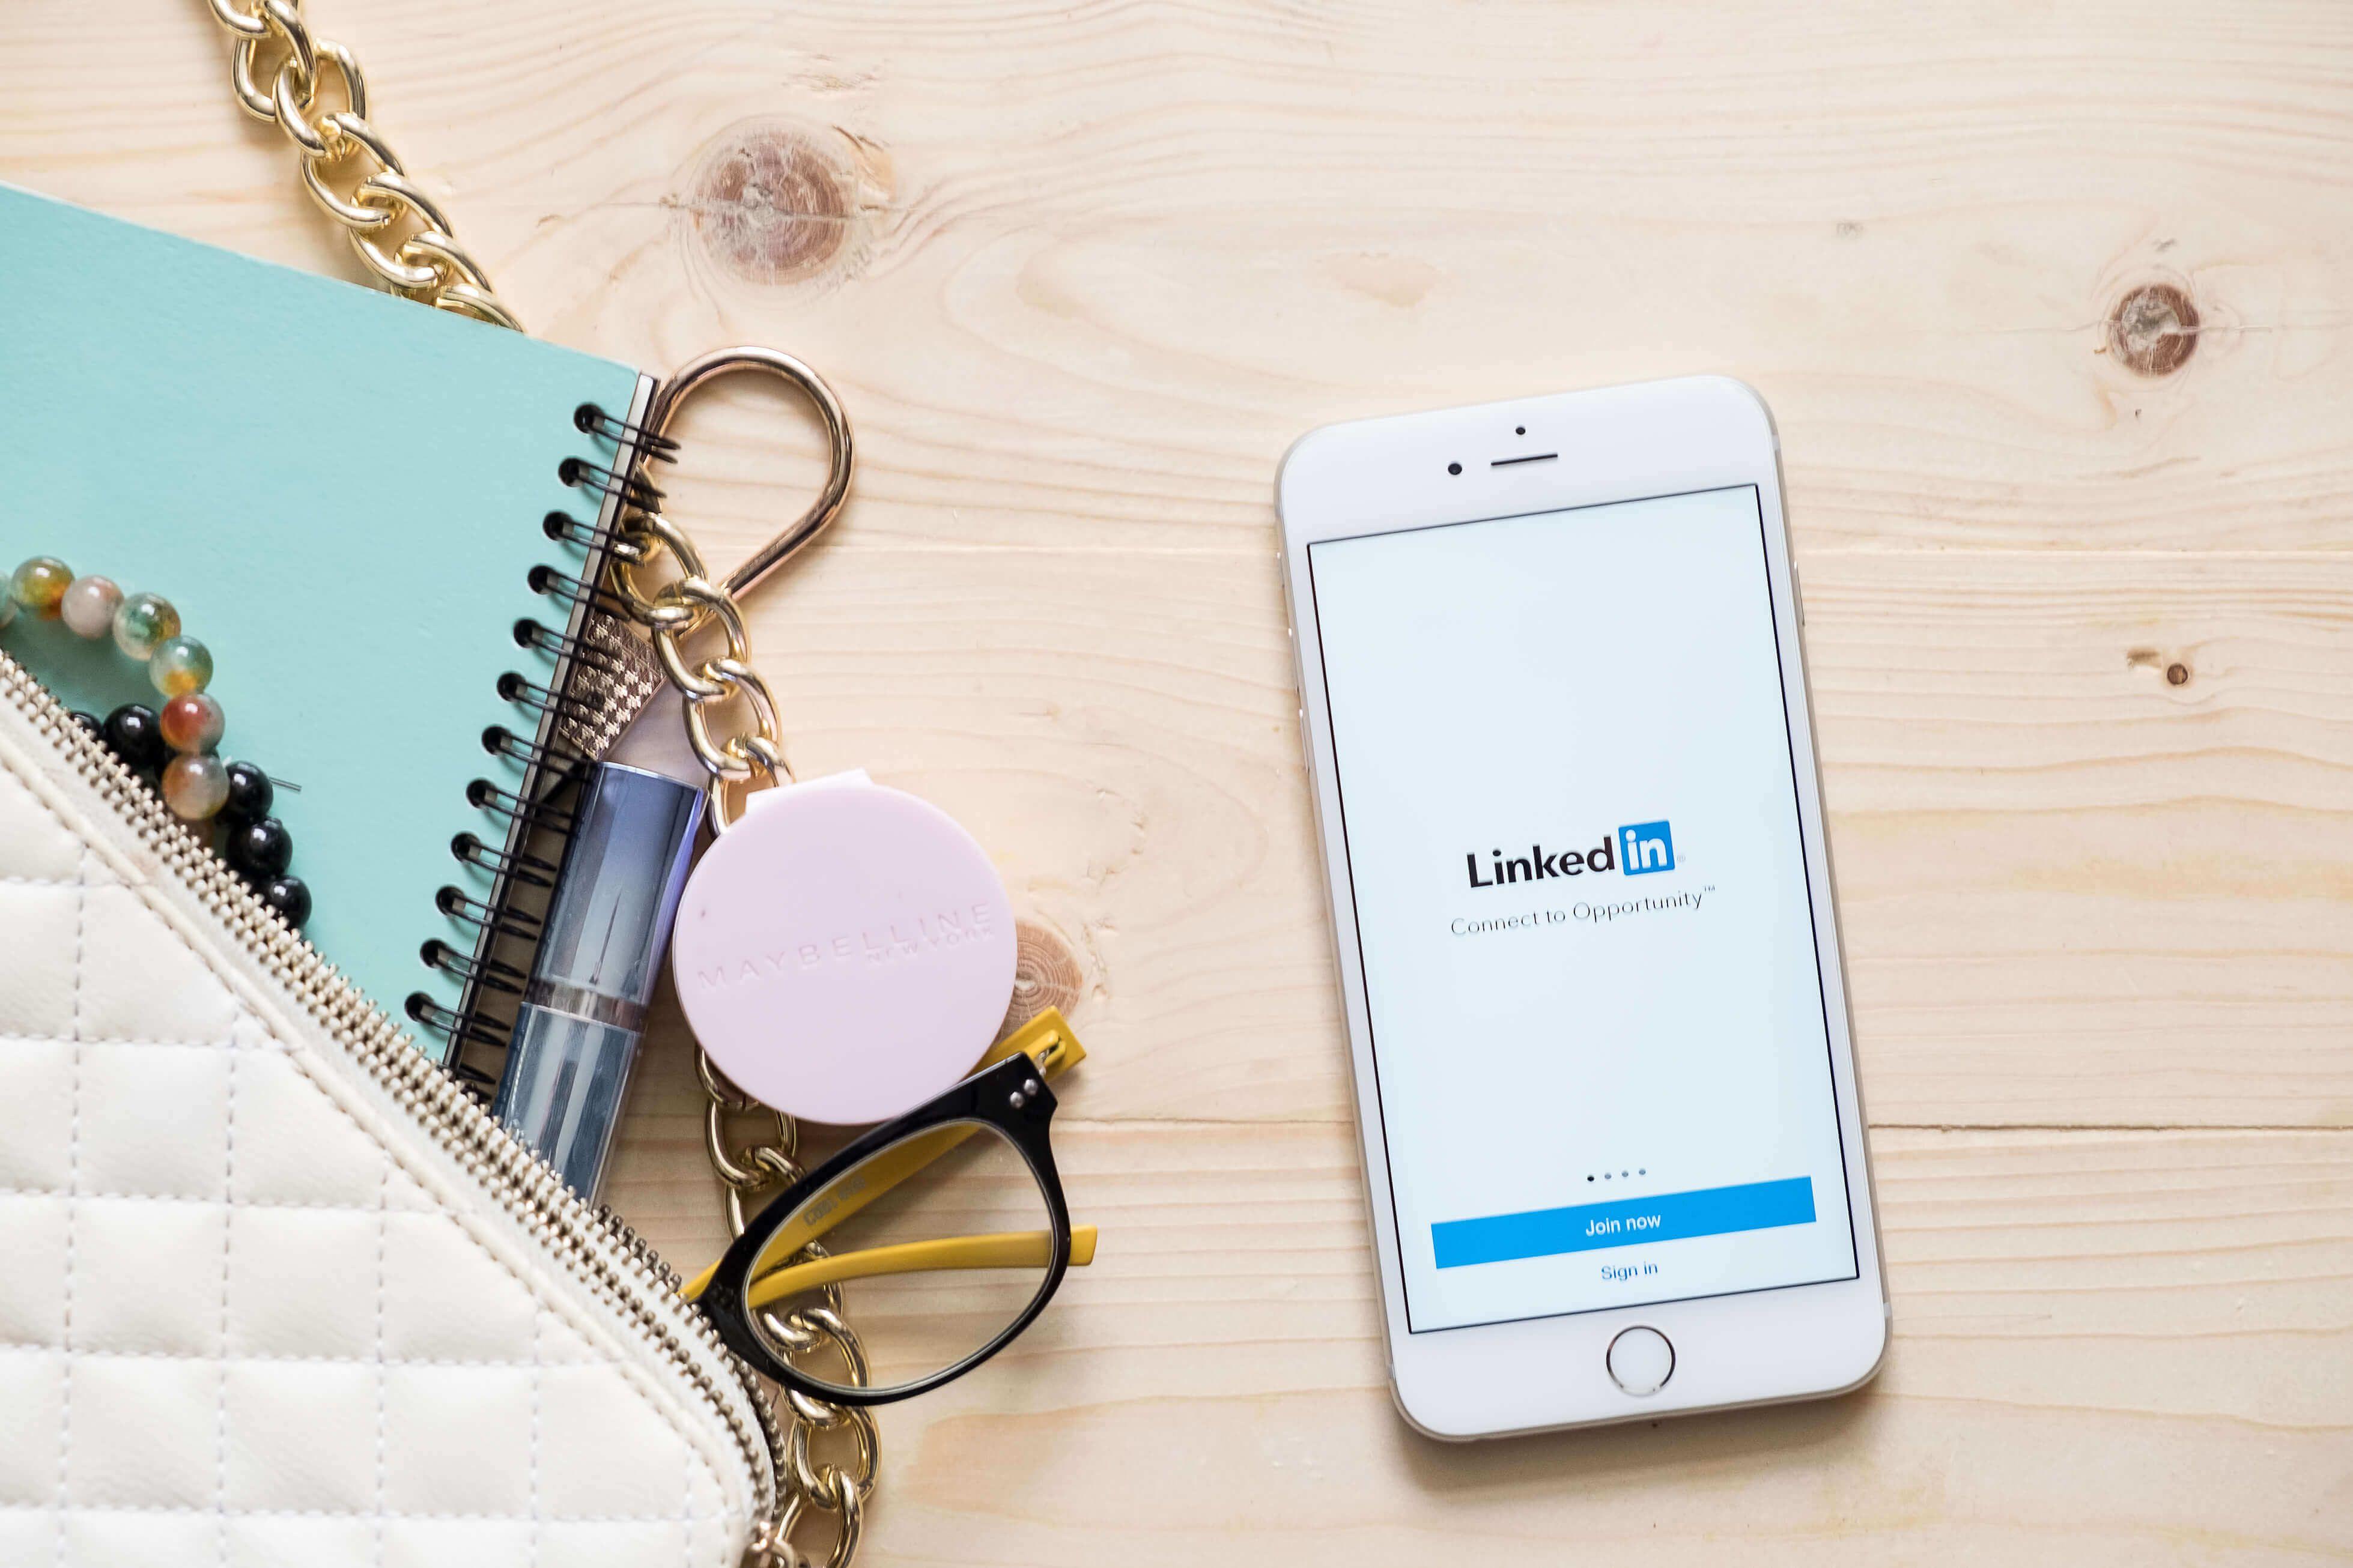 LinkedIn - Warum gehen immer mehr Menschen dort auf Partnersuche?